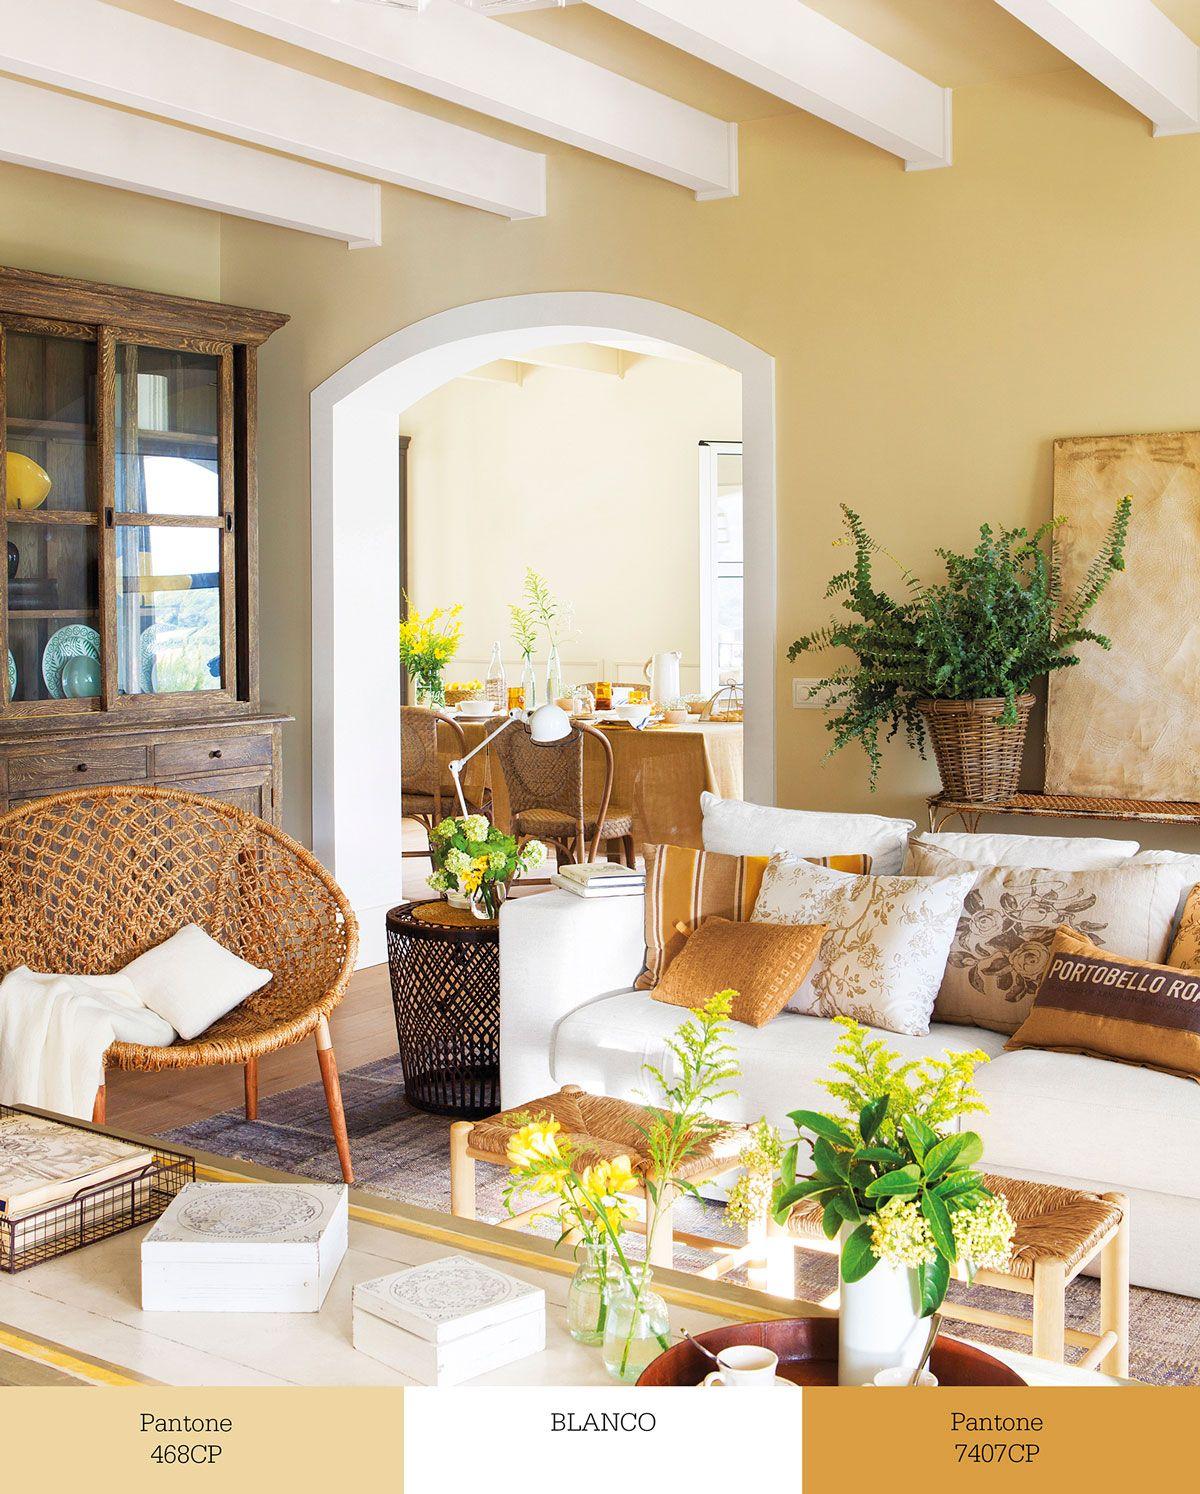 Sal n decorado en tonos tierra con sof blanco y butaca de - Complementos decoracion salon ...